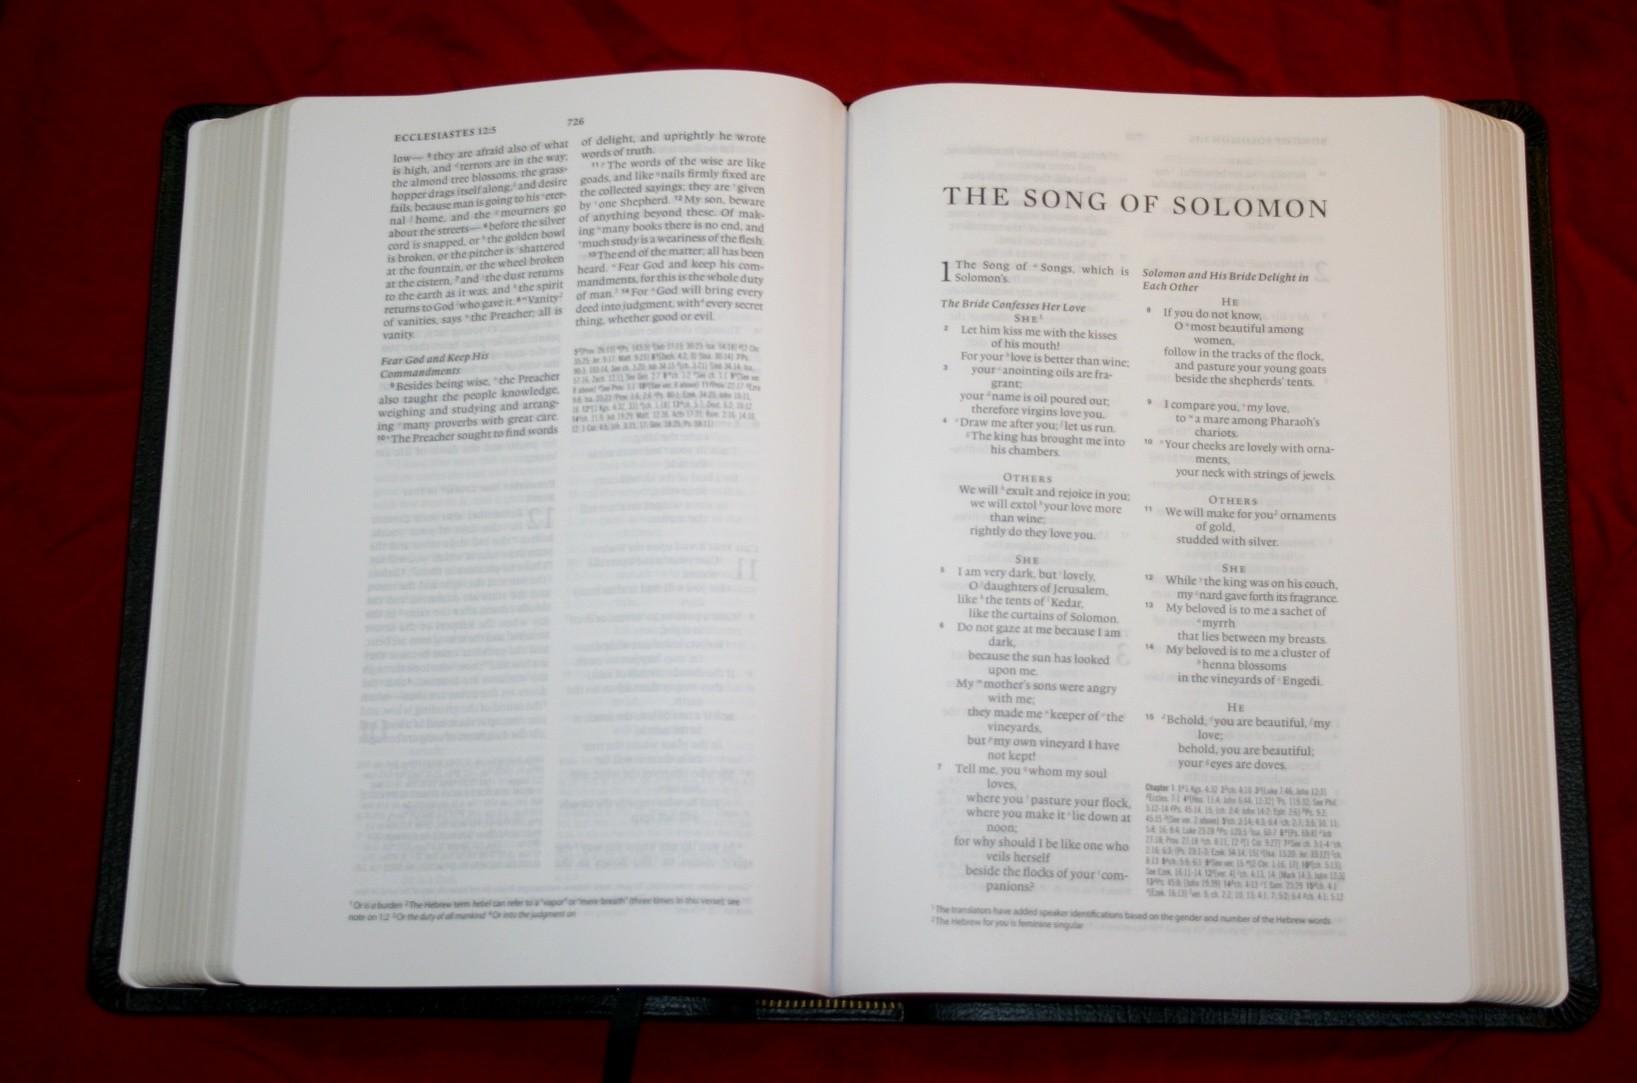 Crossways esv study bible